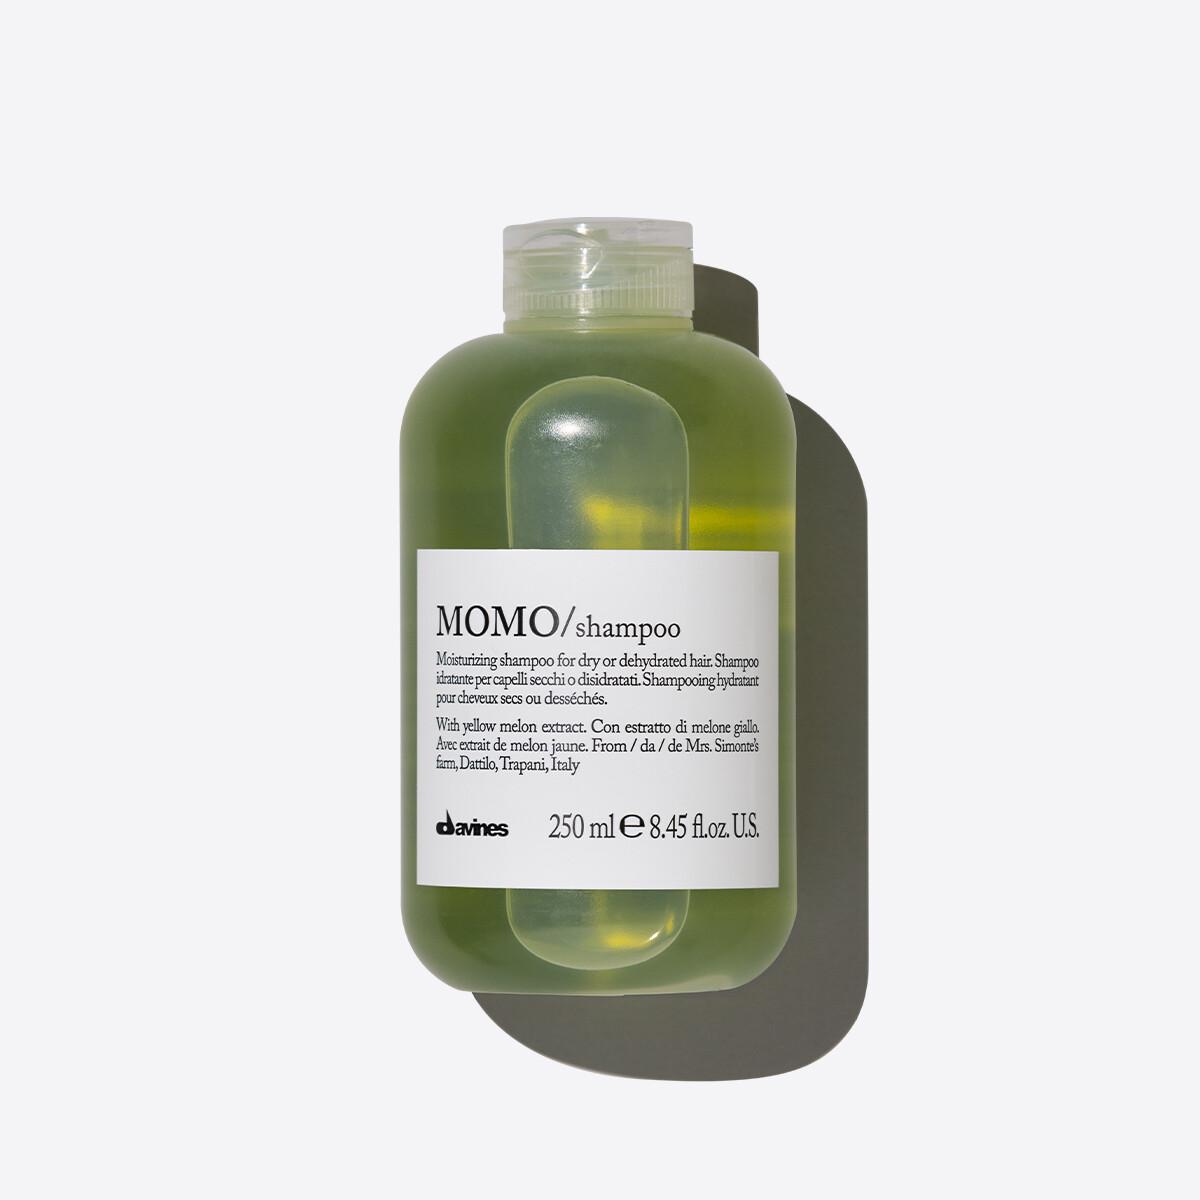 MOMO/shampoo 250ml